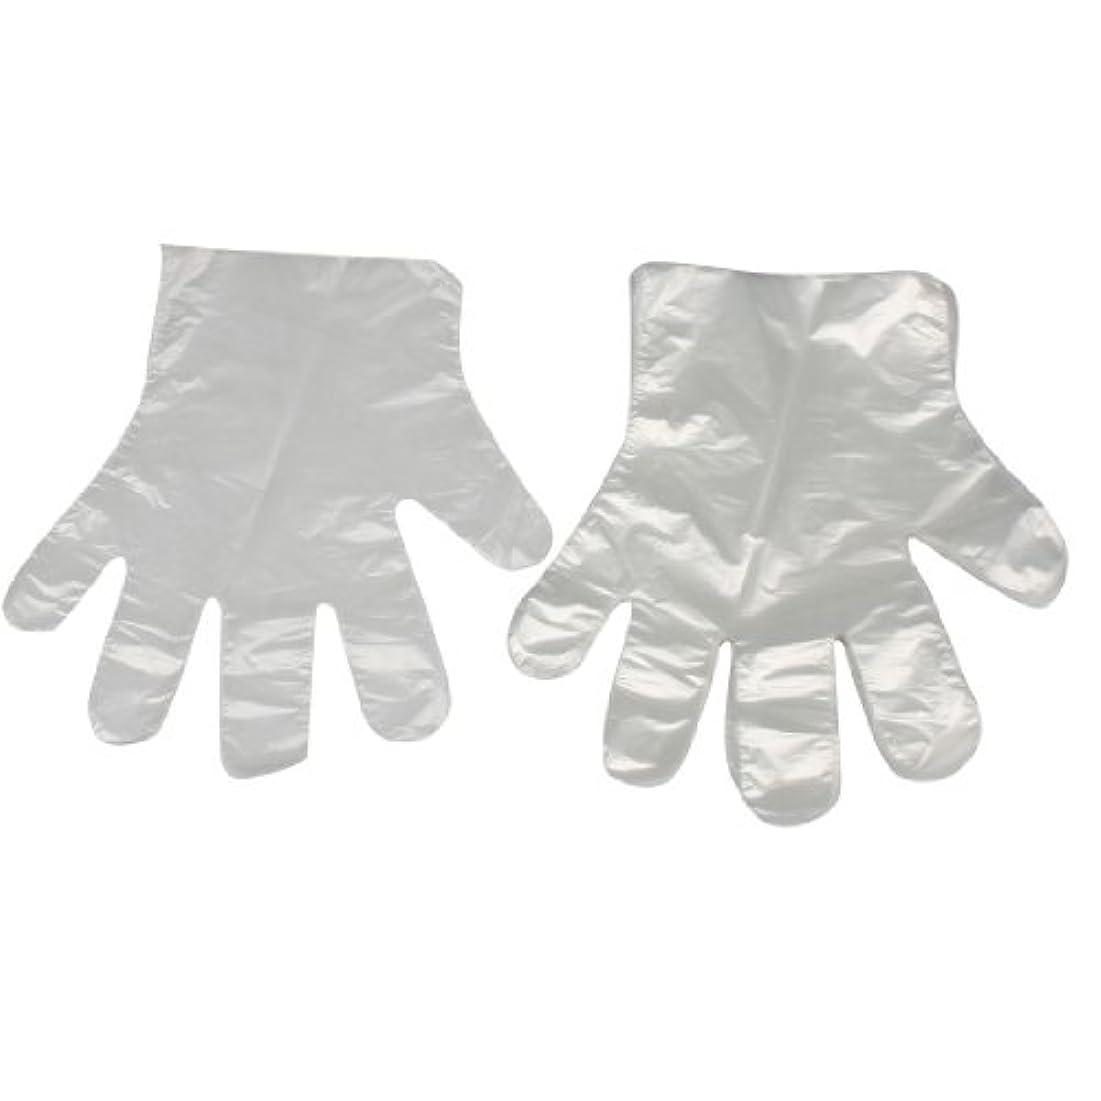 感動するコスト群衆uxcell ホーム用キッチン用品 薄い柔軟な 使い捨て手袋 クリア ホワイト100 枚